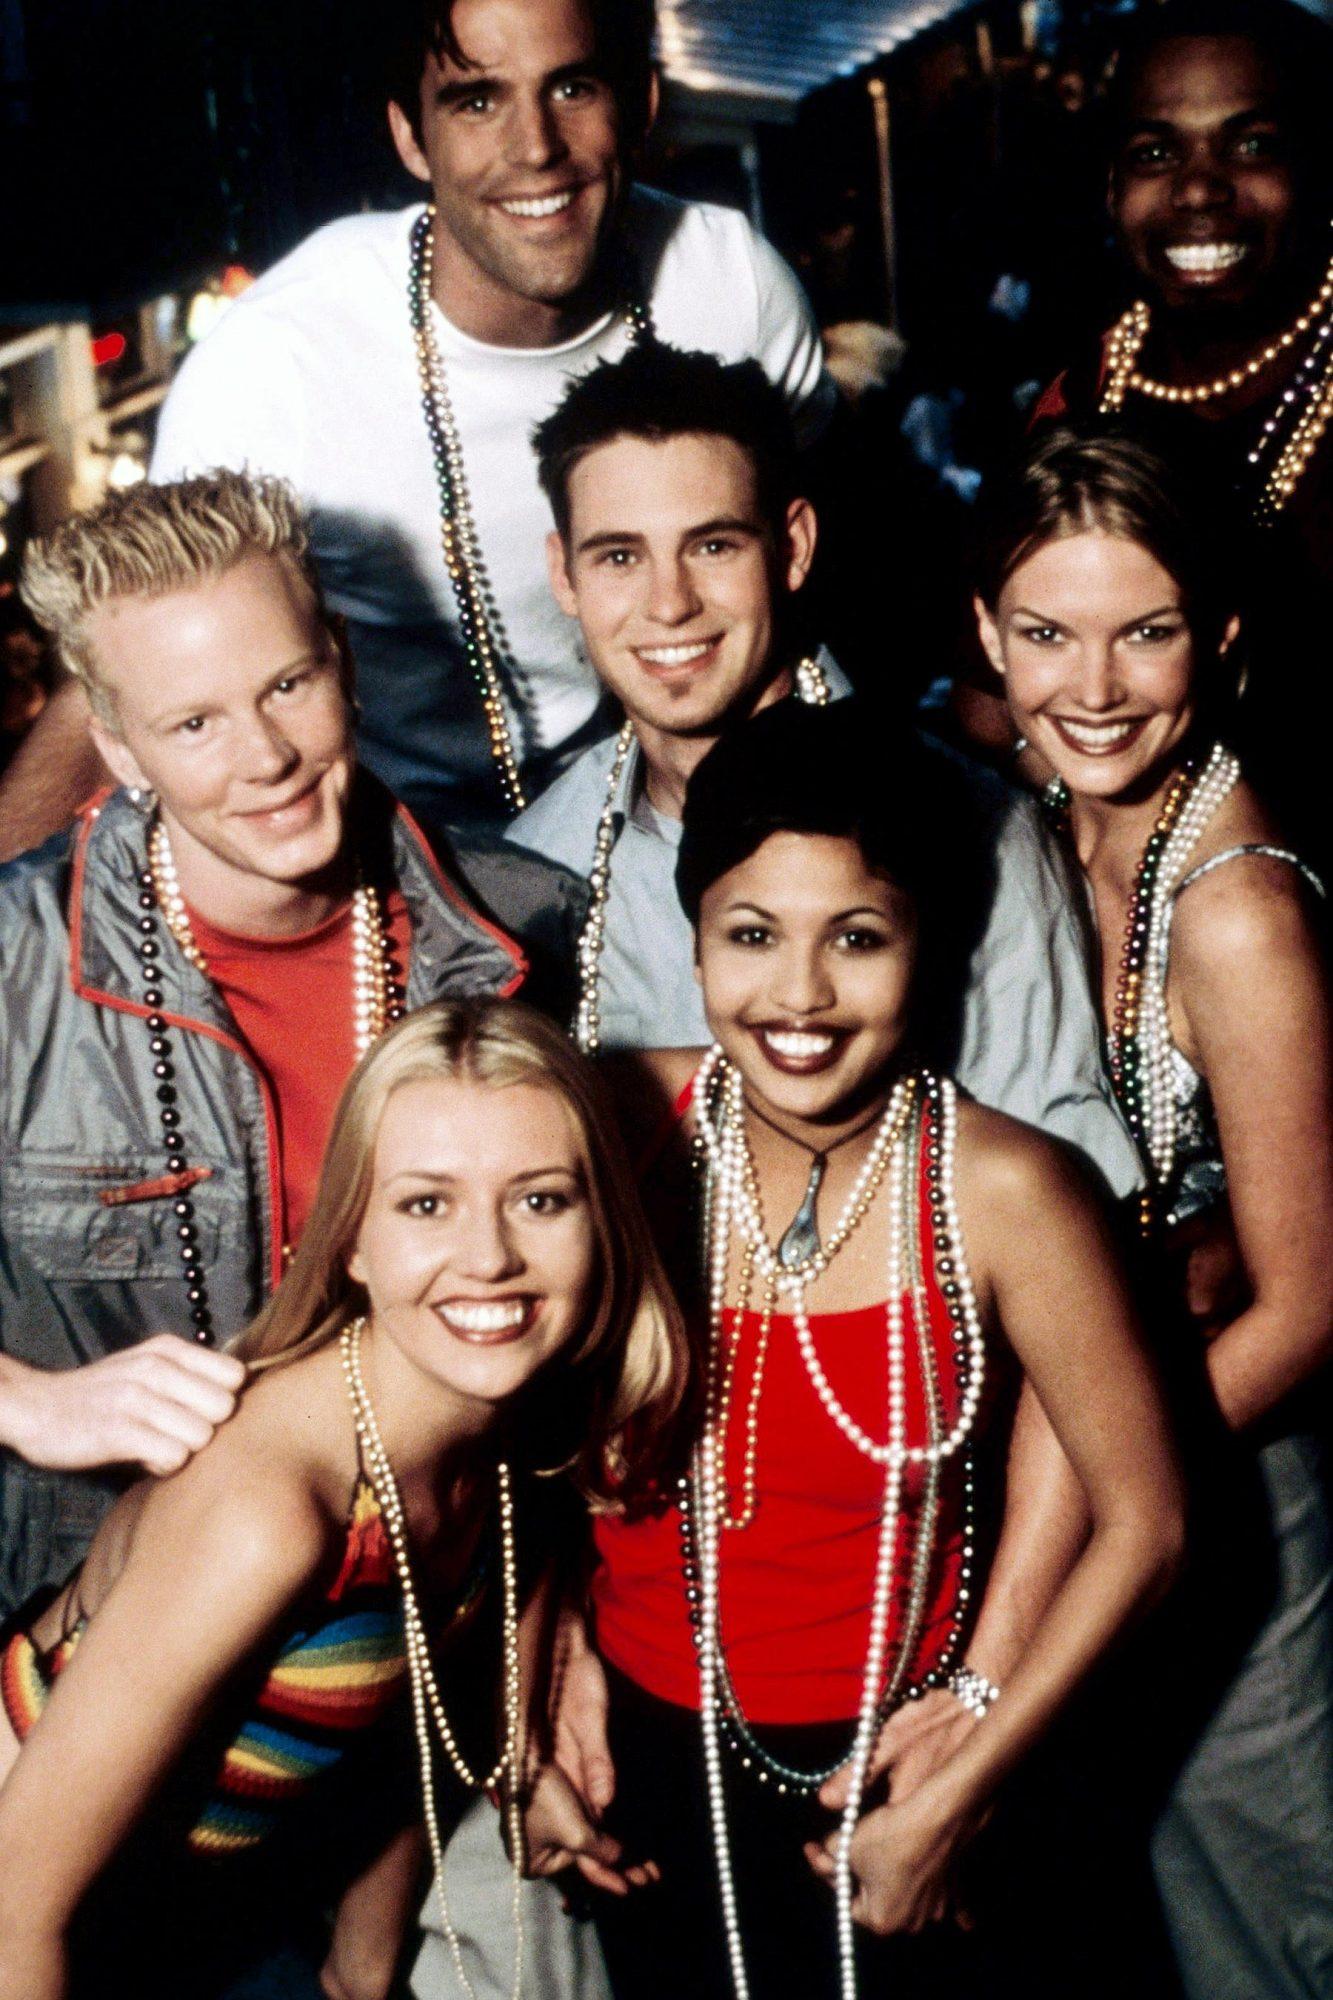 THE REAL WORLD: NEW ORLEANS, front from left: Julie Stoffer, Melissa Howard, center from left: Matt